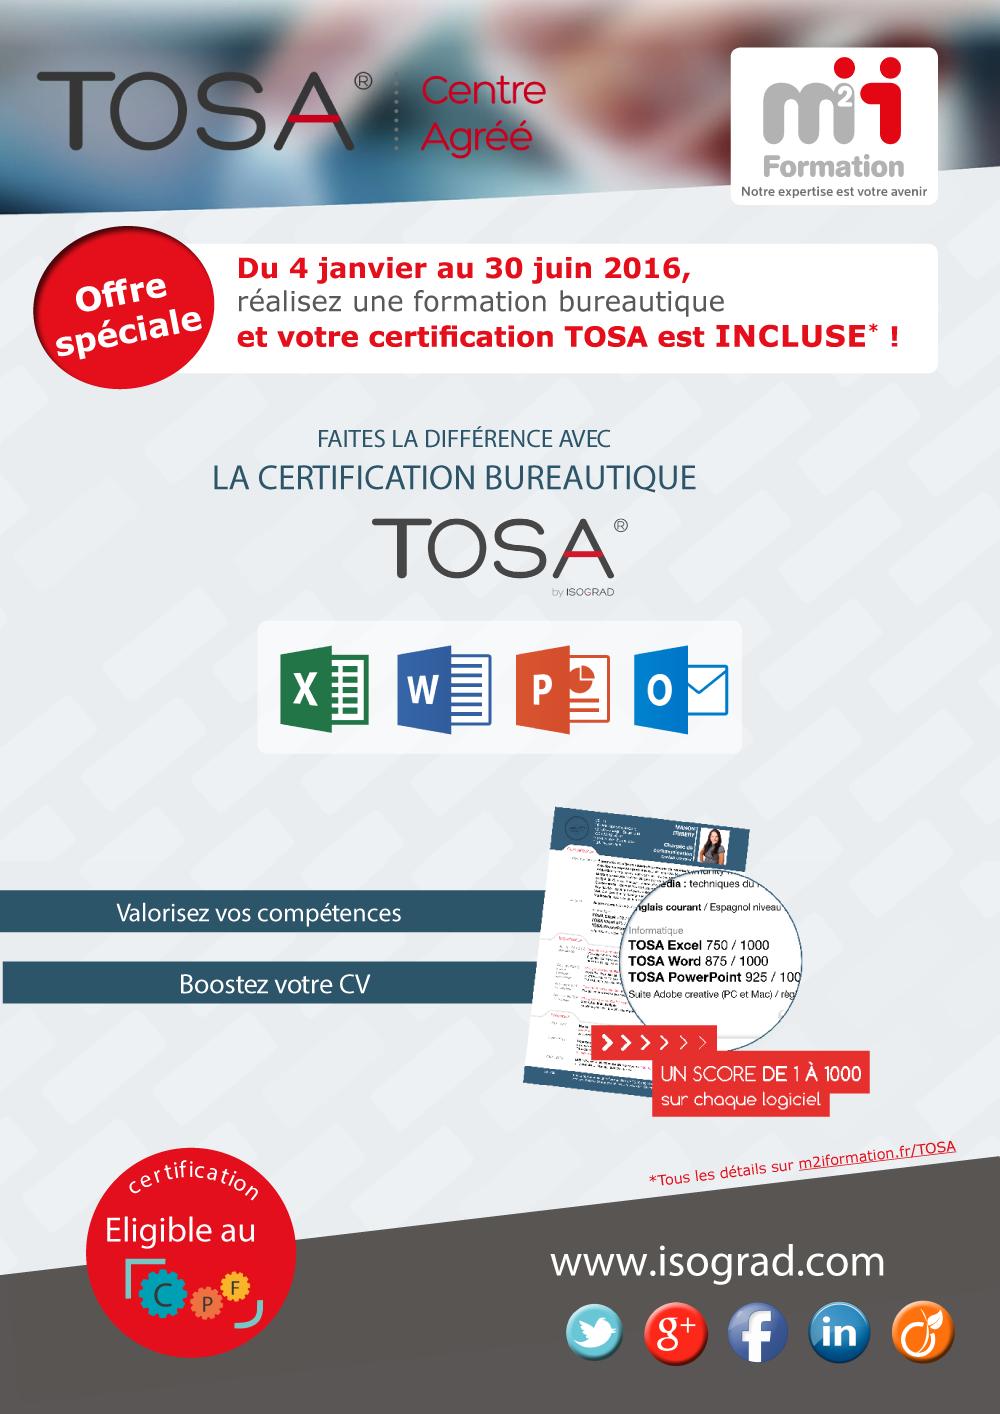 Du 4 janvier au 30 juin 2016, réalisez une formation bureautique et votre certification TOSA est INCLUSE* !